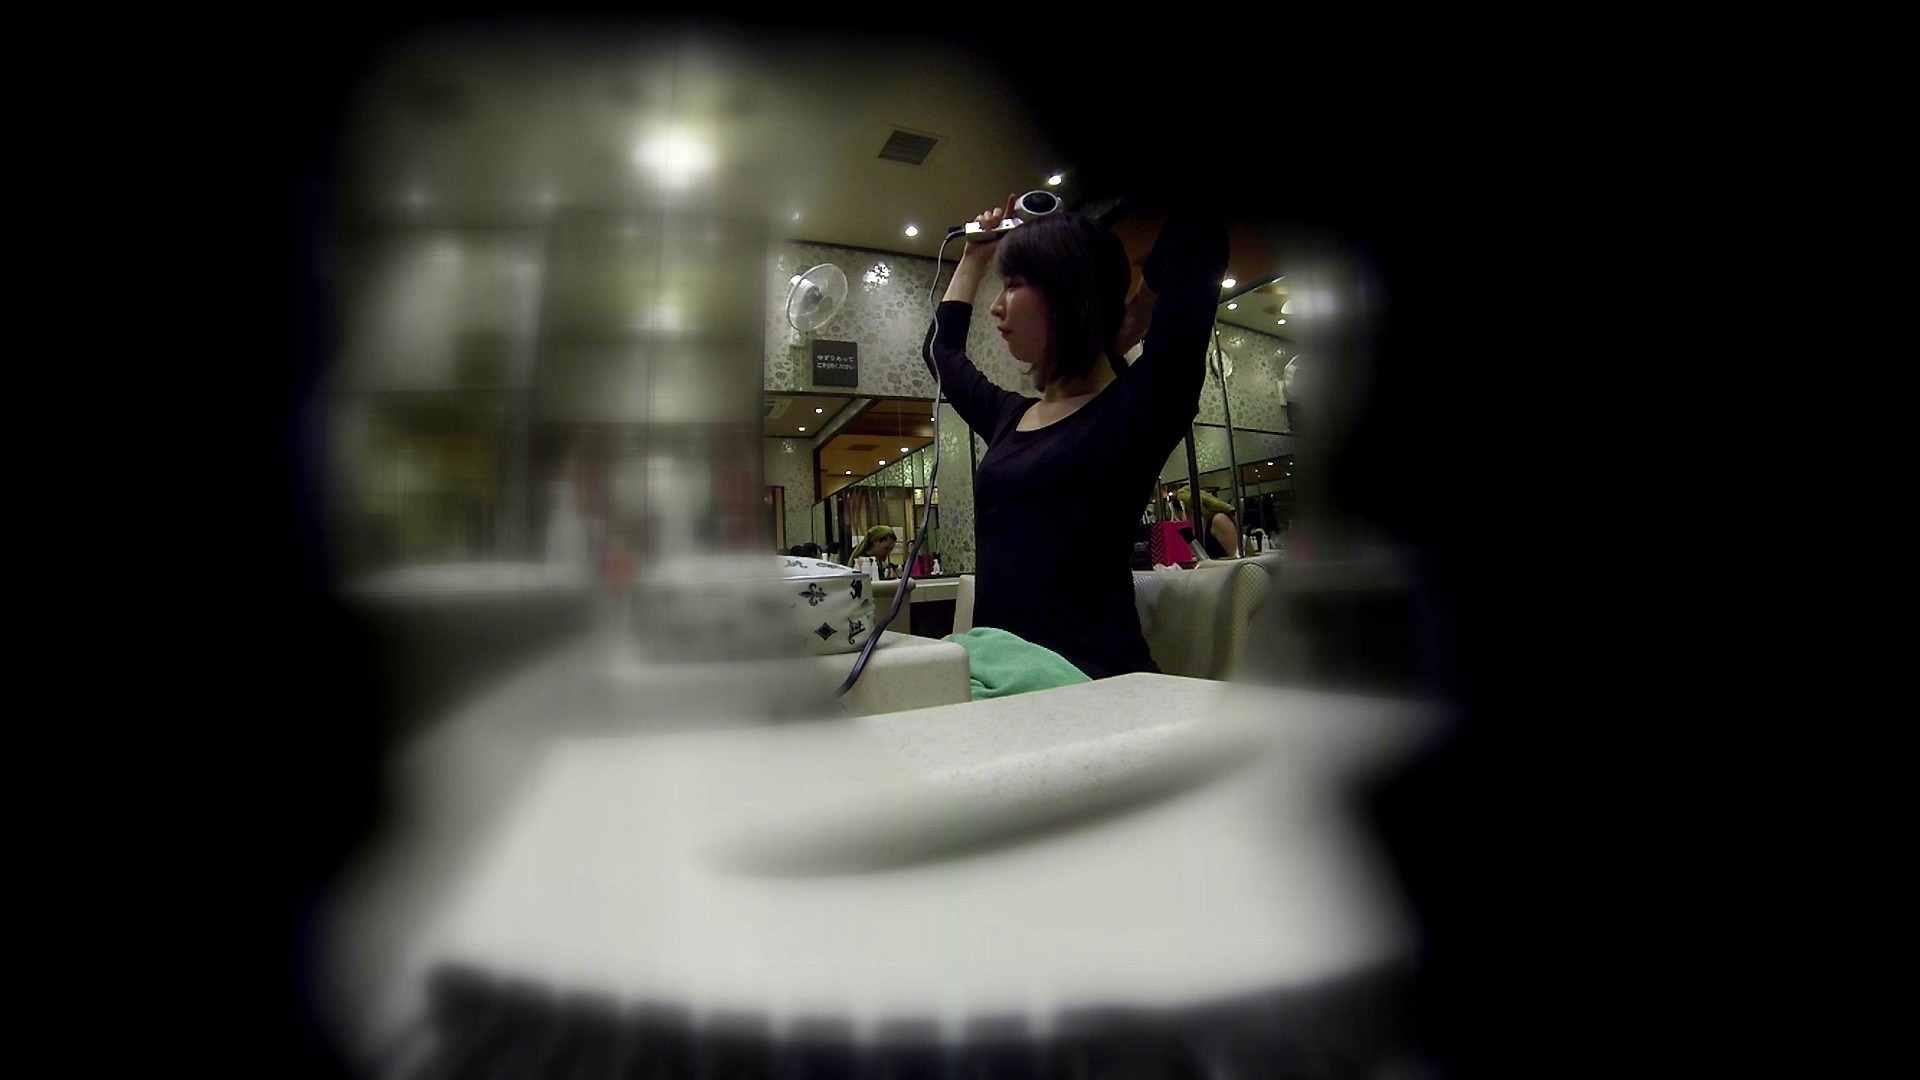 セックスアダルト動画|追い撮り!髪を下ろすと雰囲気変わりますね。|怪盗ジョーカー